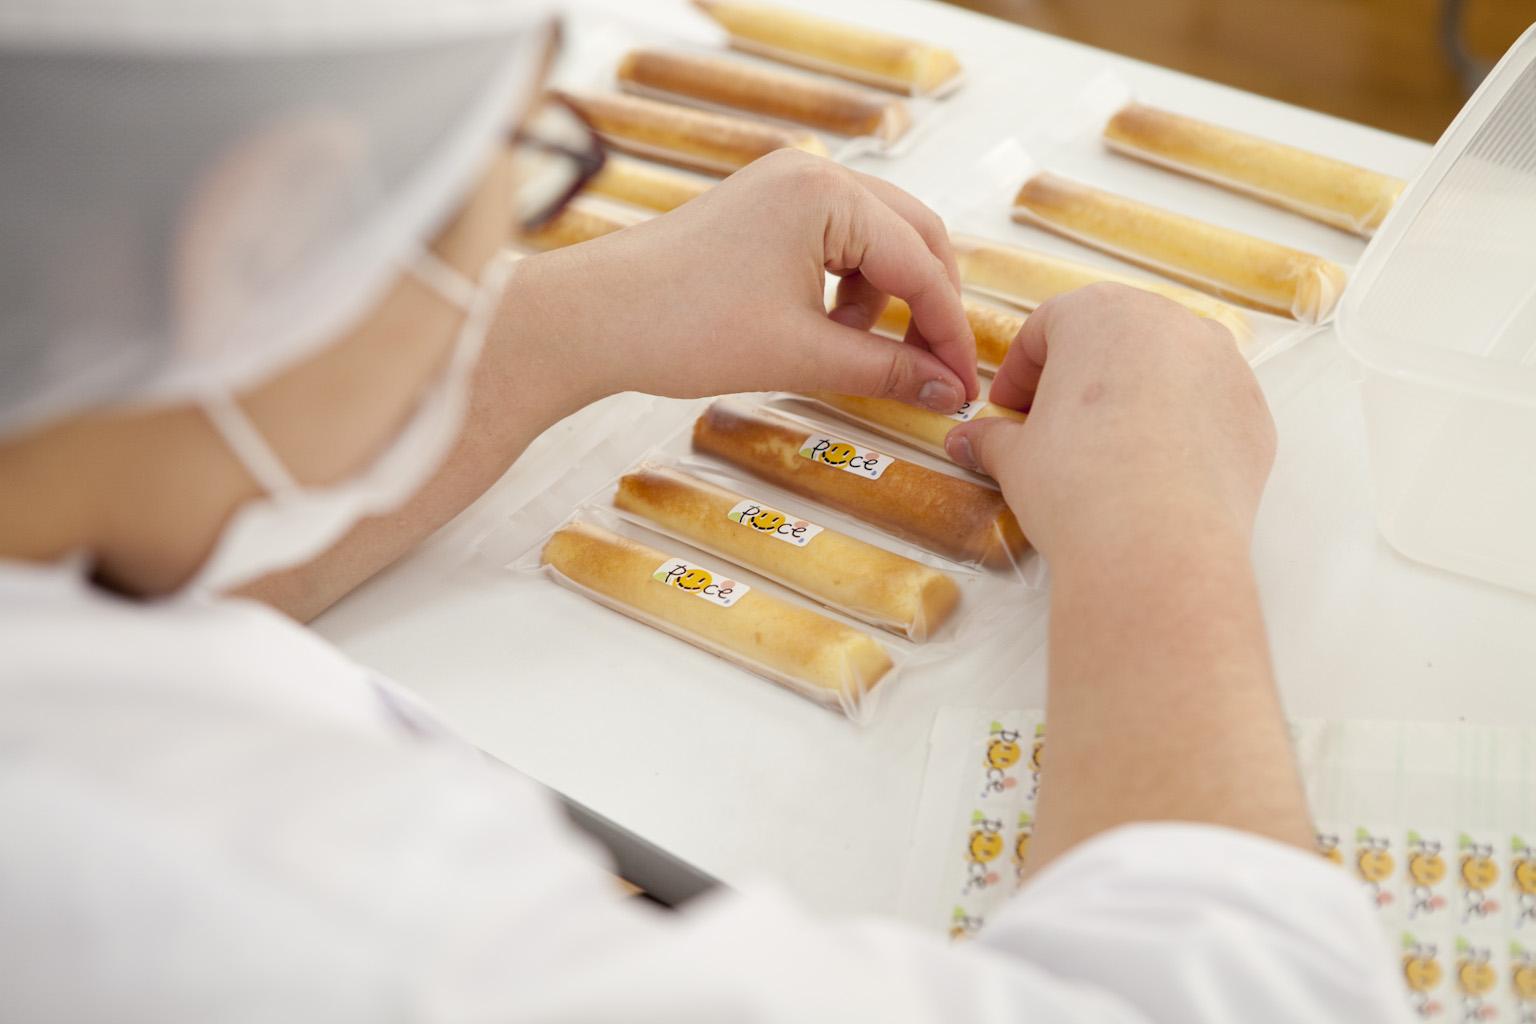 ぴいす,ぴいすティック,福祉作業所,野川さん,調布,焼き菓子